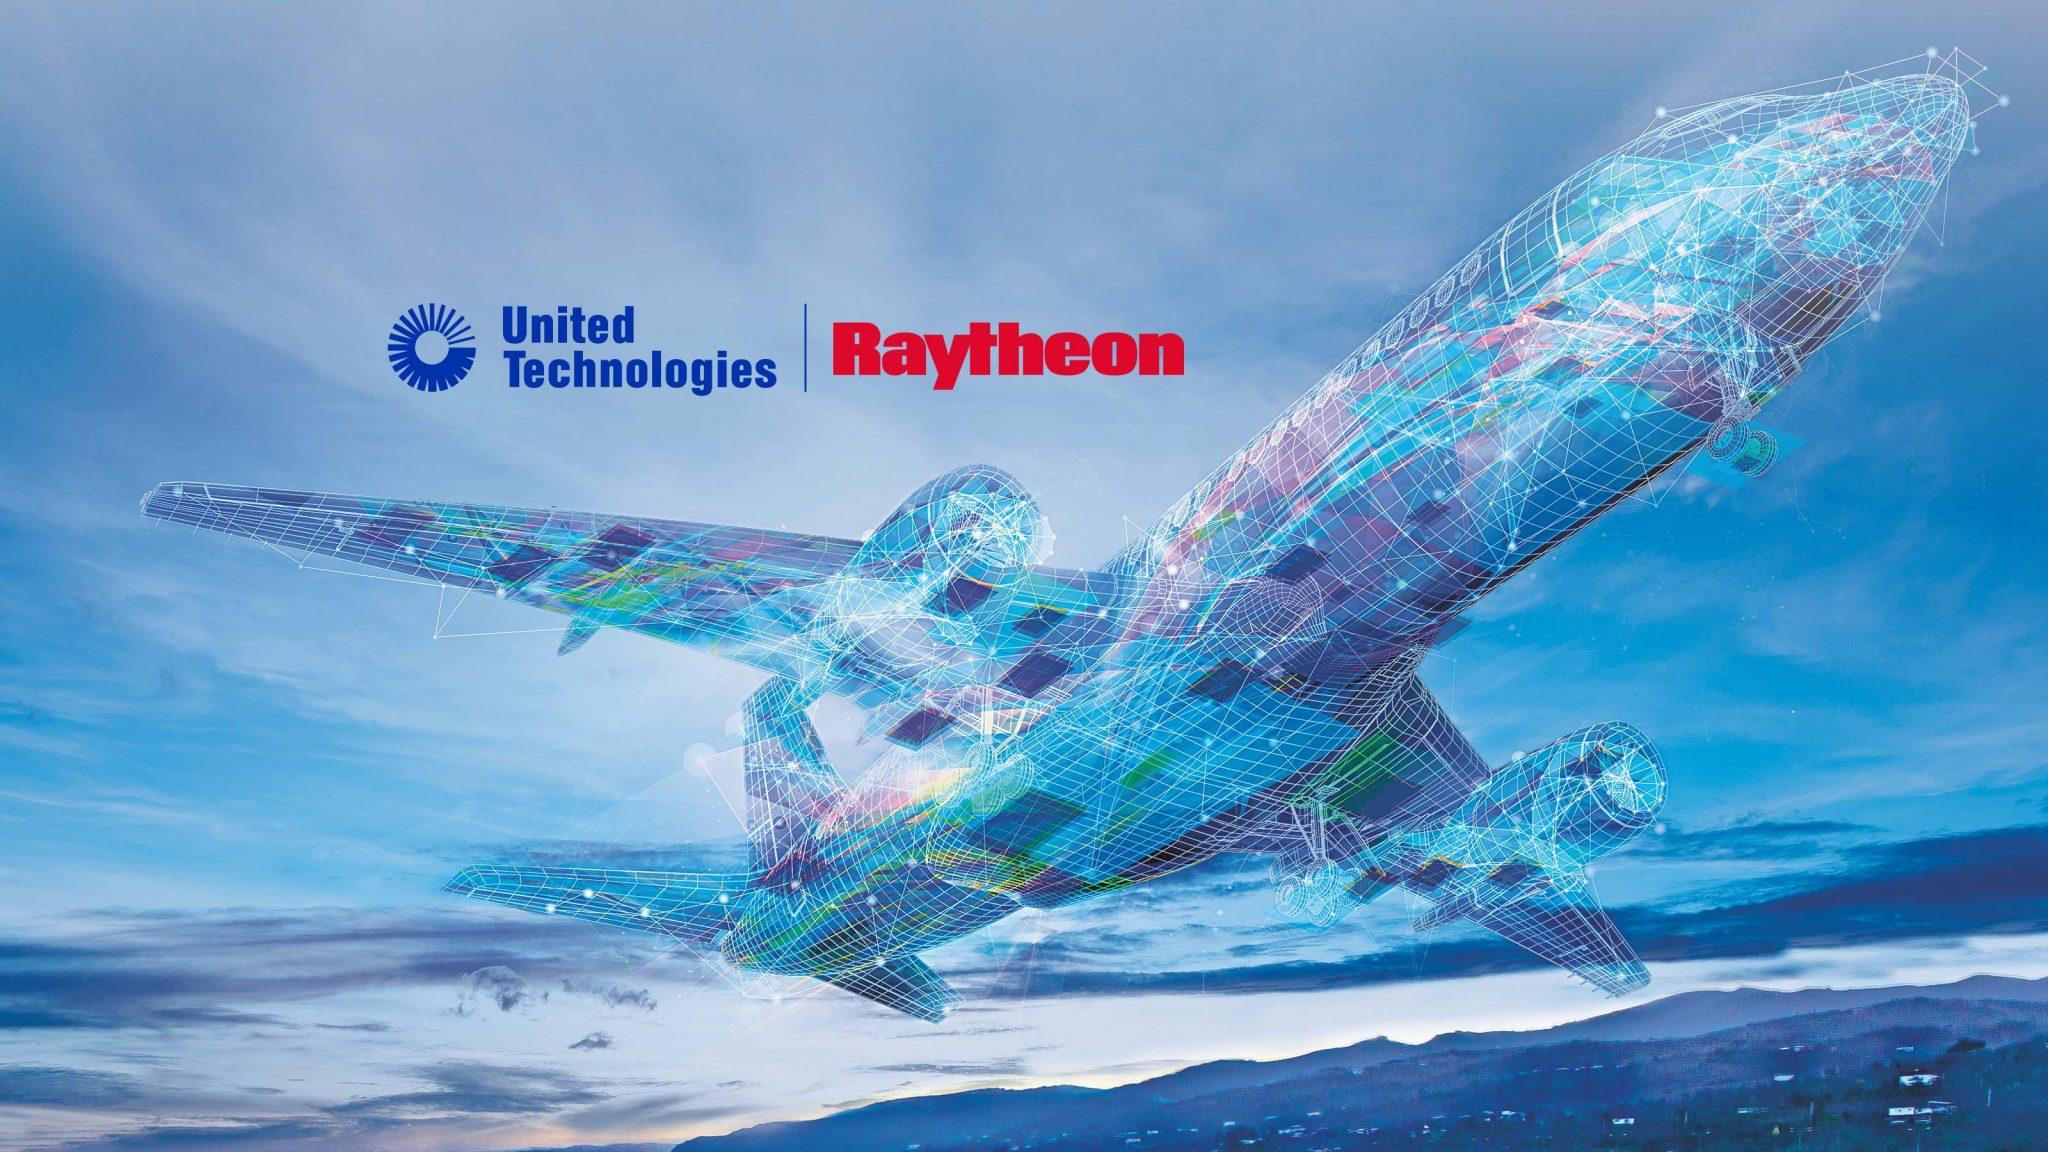 United Technologies y Raytheon buscan forjar una alianza